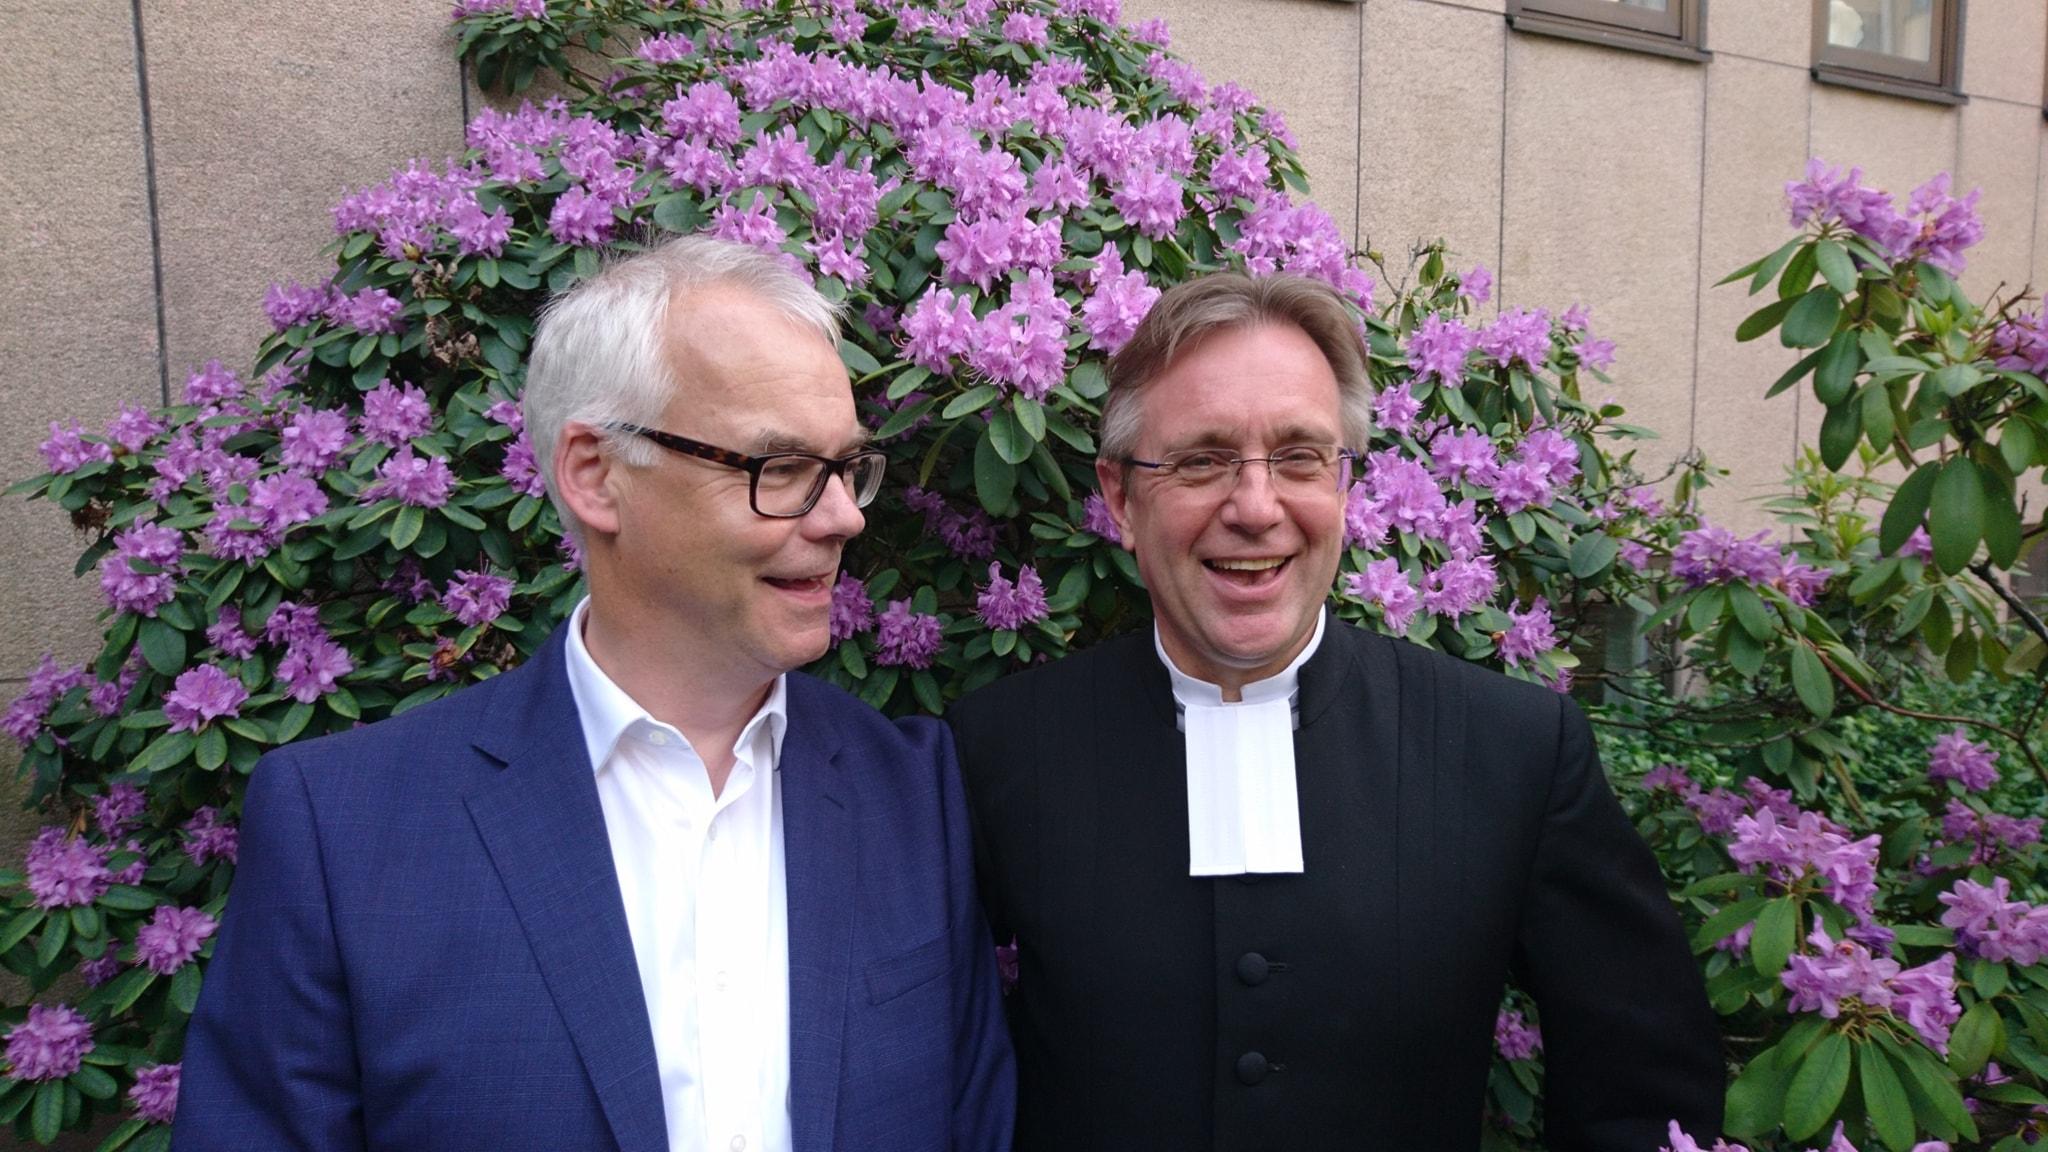 Guds medarbetare - Från S:t Nicolai kyrka i Örebro